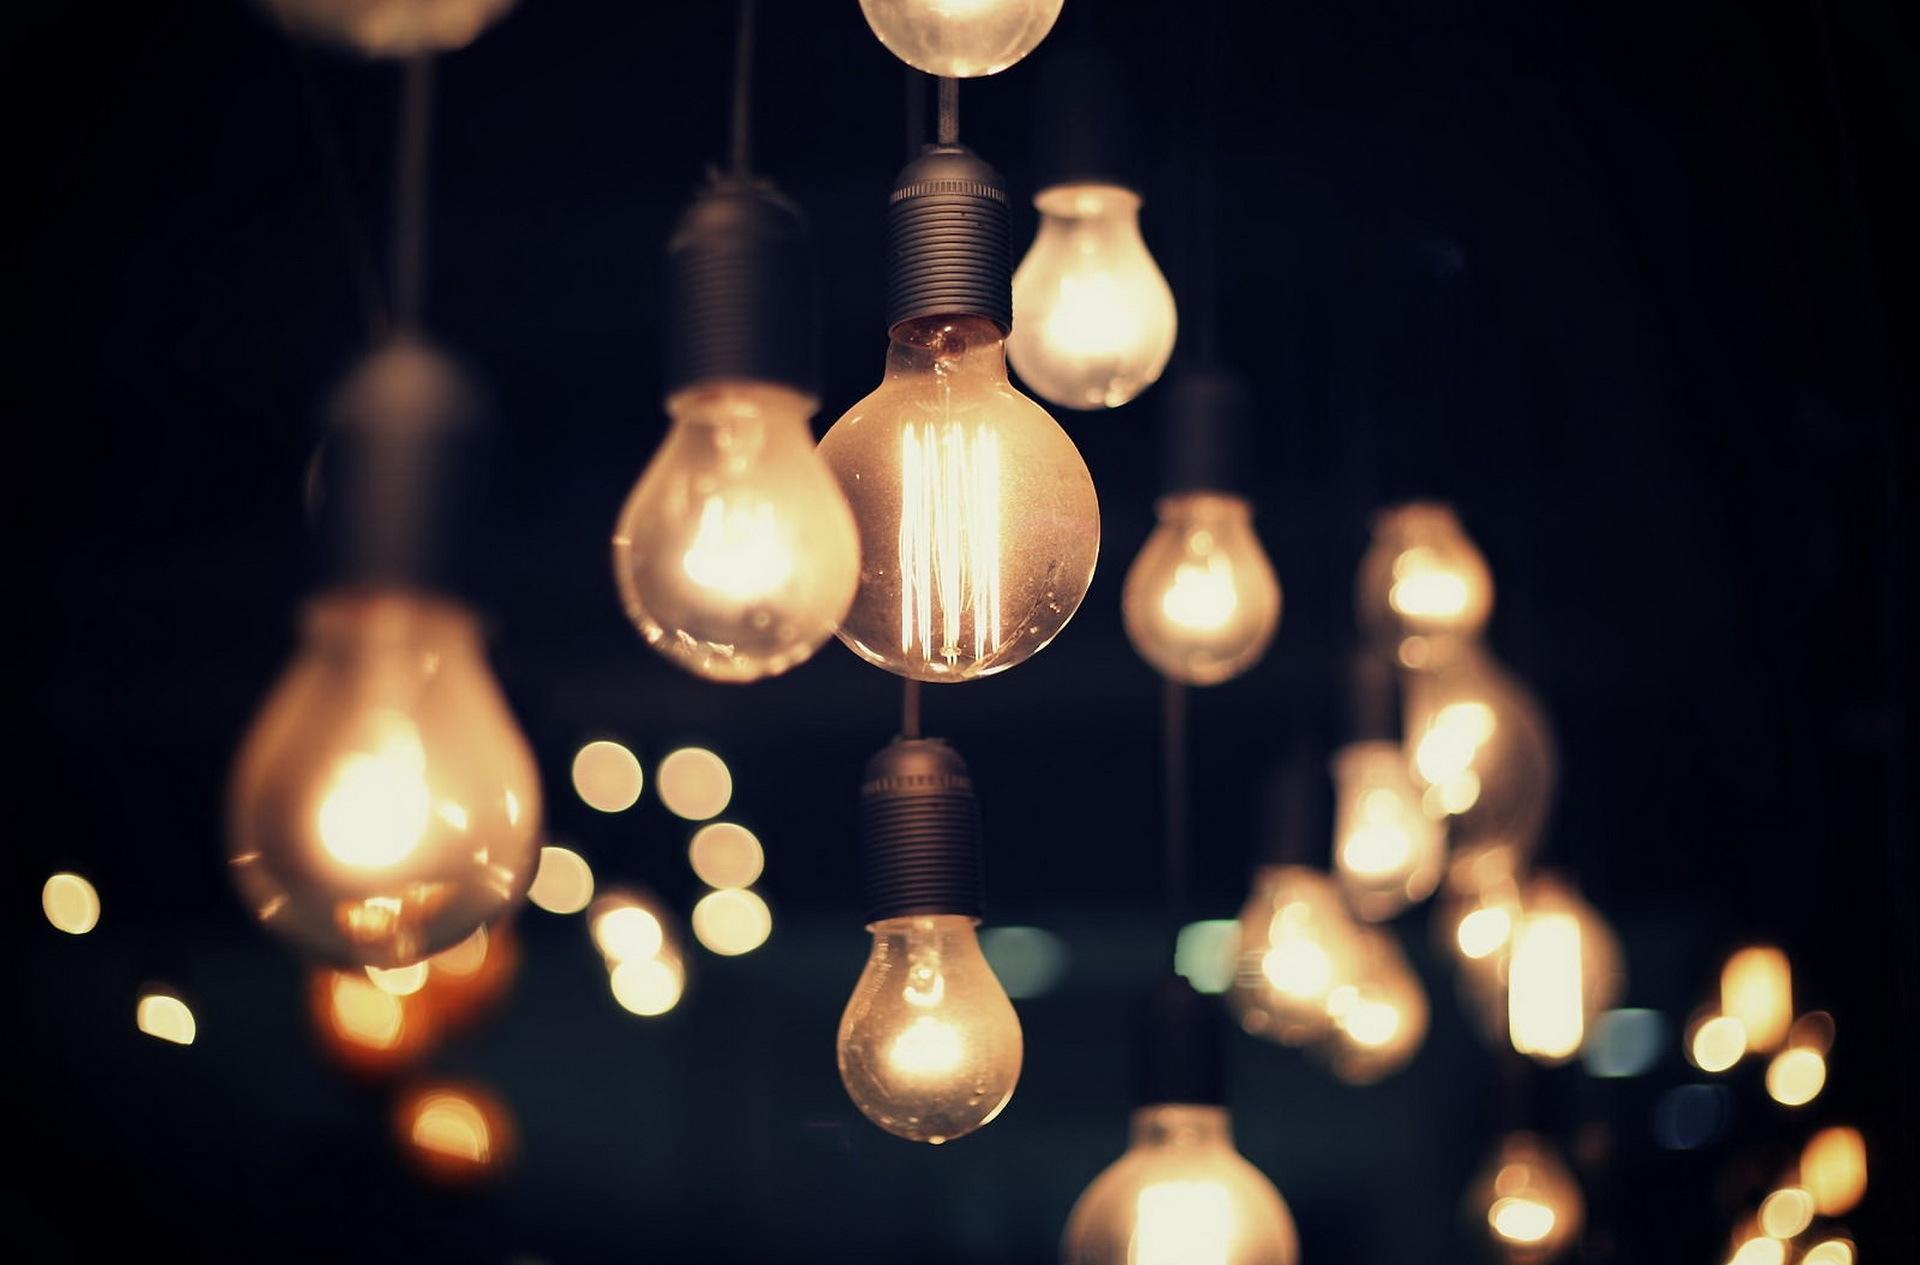 картинки с лампочками работу